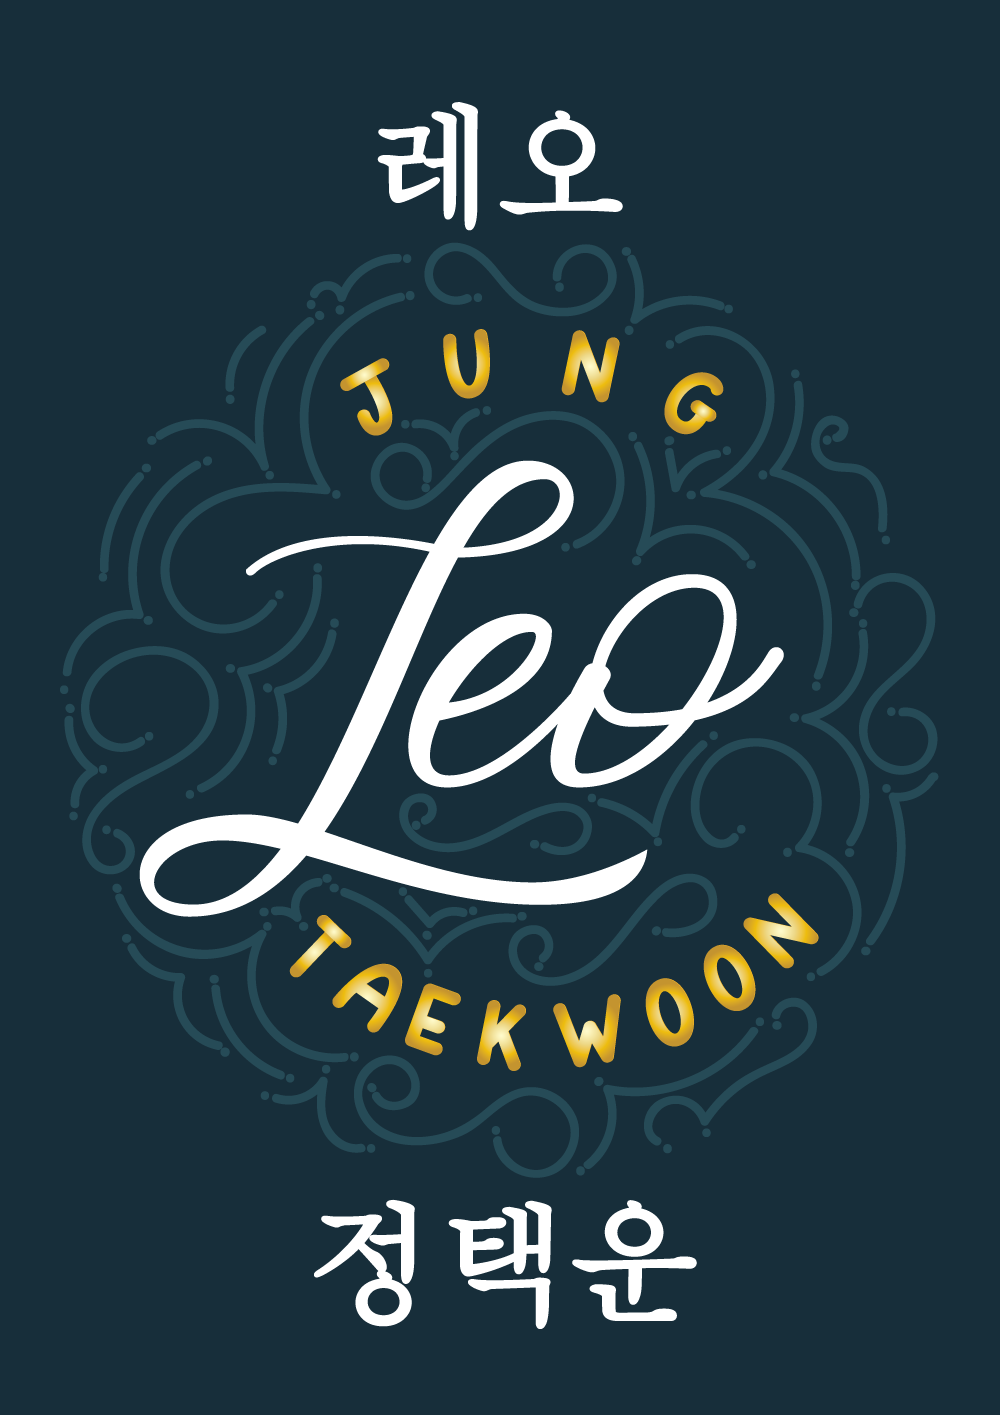 leo-jung-taekwoon